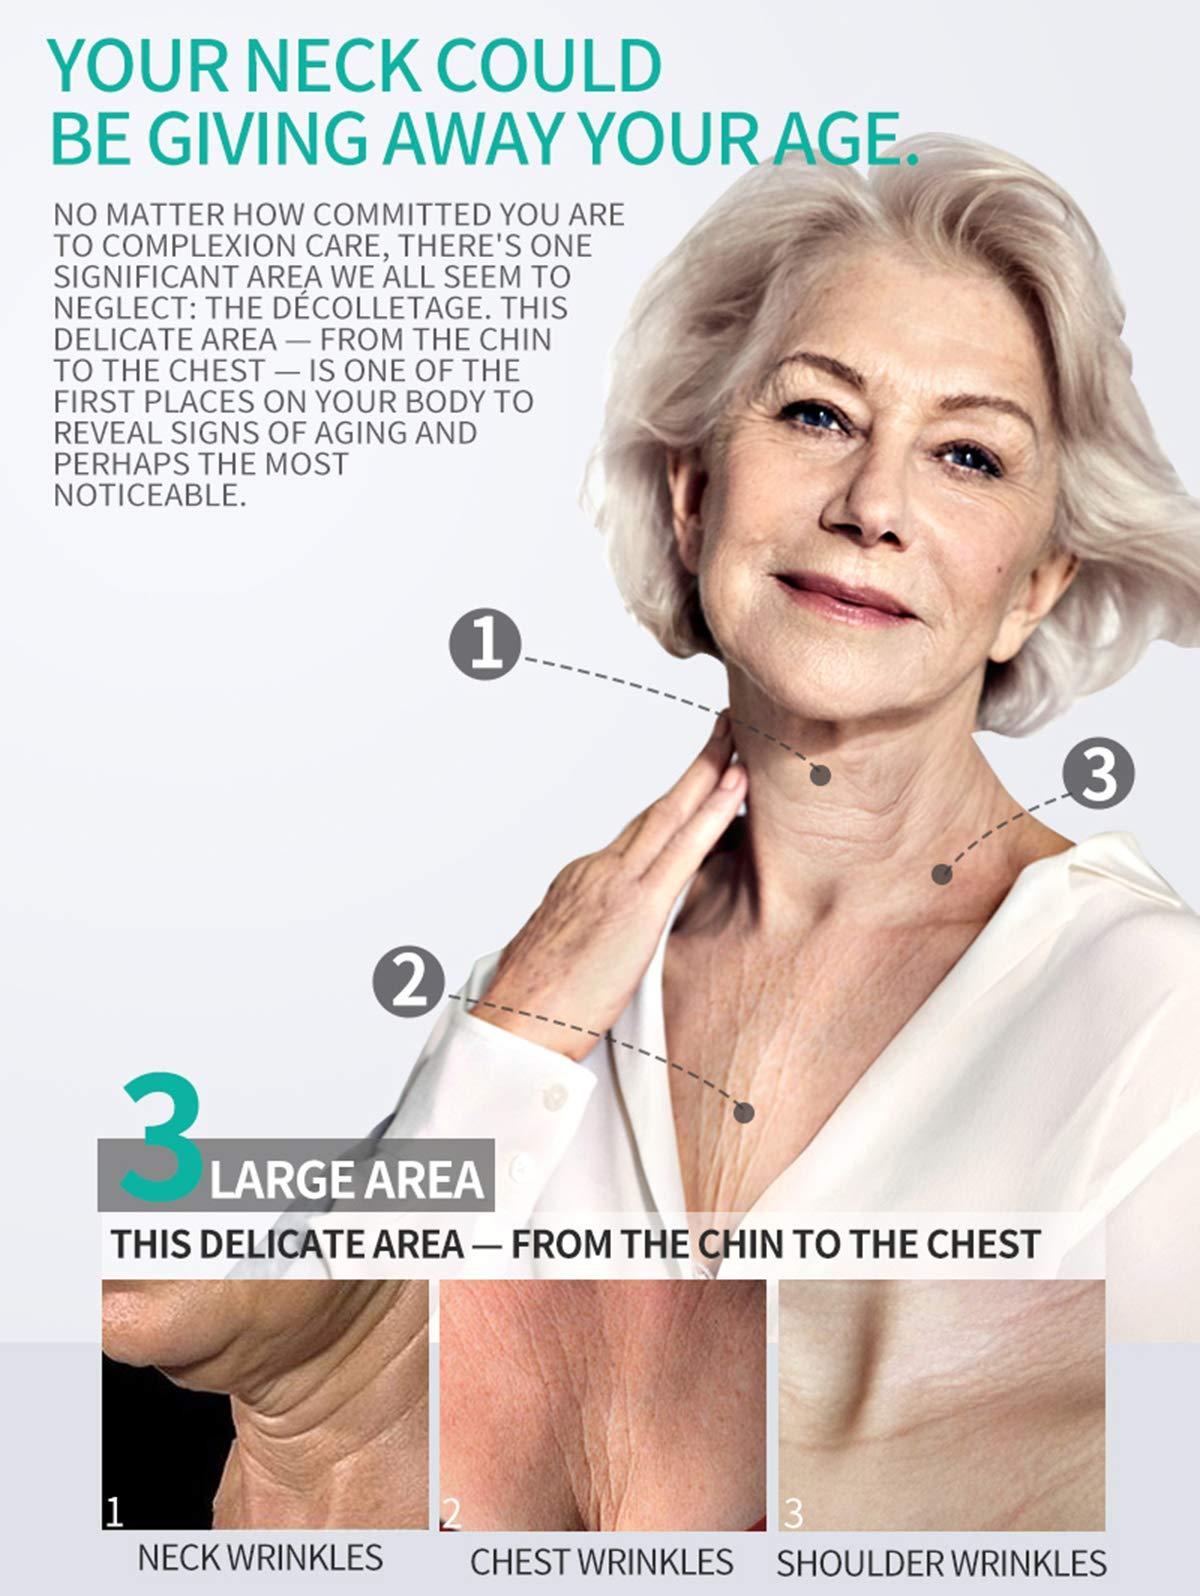 AJUMKER Cuello Arrugas Crema Cuello Crema Reafirmante Esencia Reafirmante Reparación Arrugas Antienvejecimiento Crema antiarrugas Crema Hidratante Endurecimiento de la piel Crema para el cuello 30 g